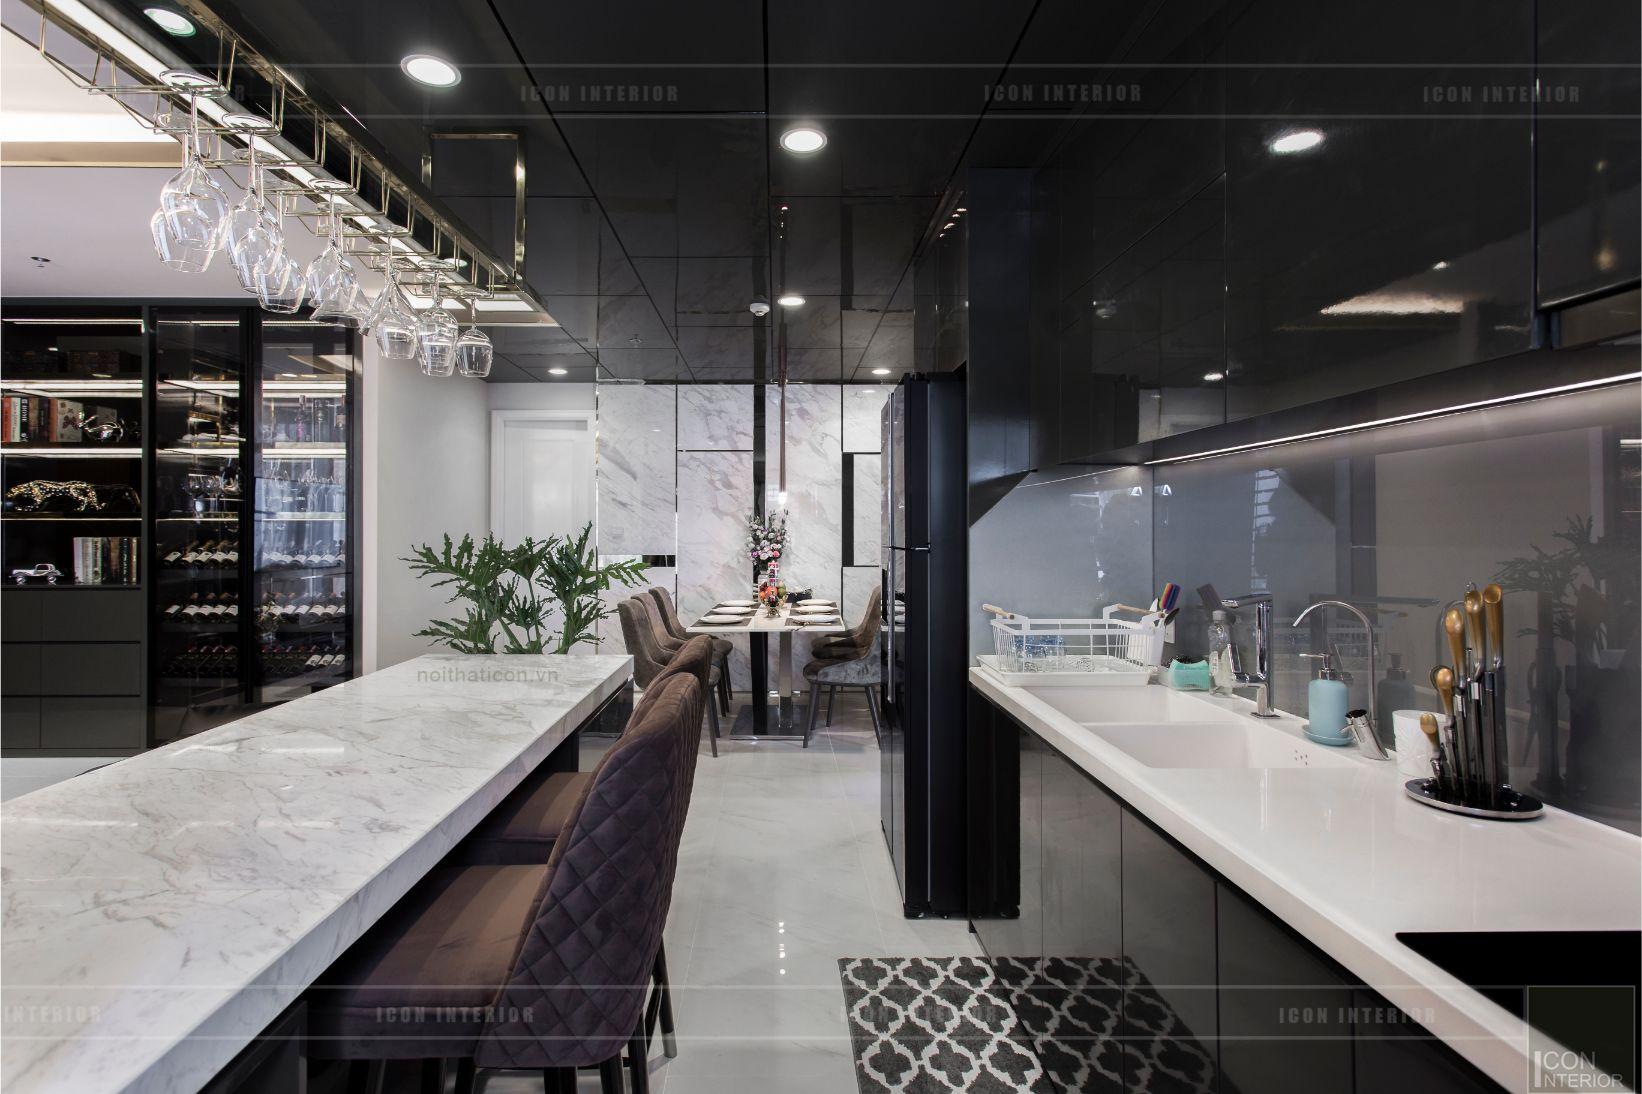 thiết kế thi công nội thất chung cư - phòng khách bếp 8